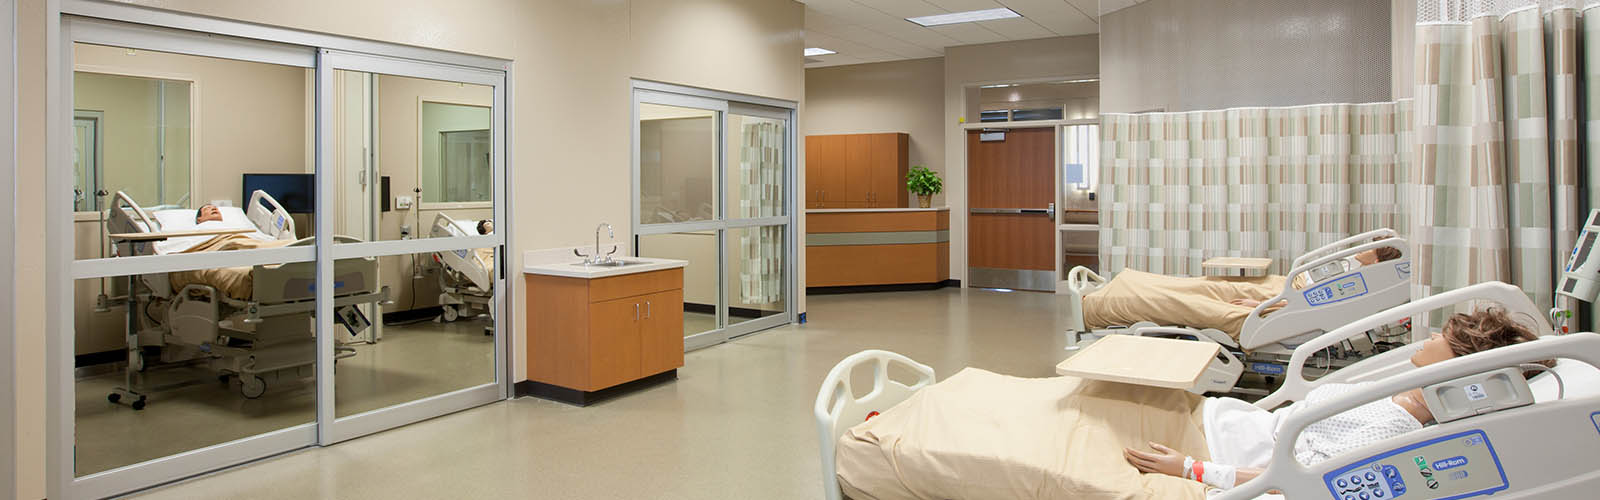 The Olathe Health Education Center 4